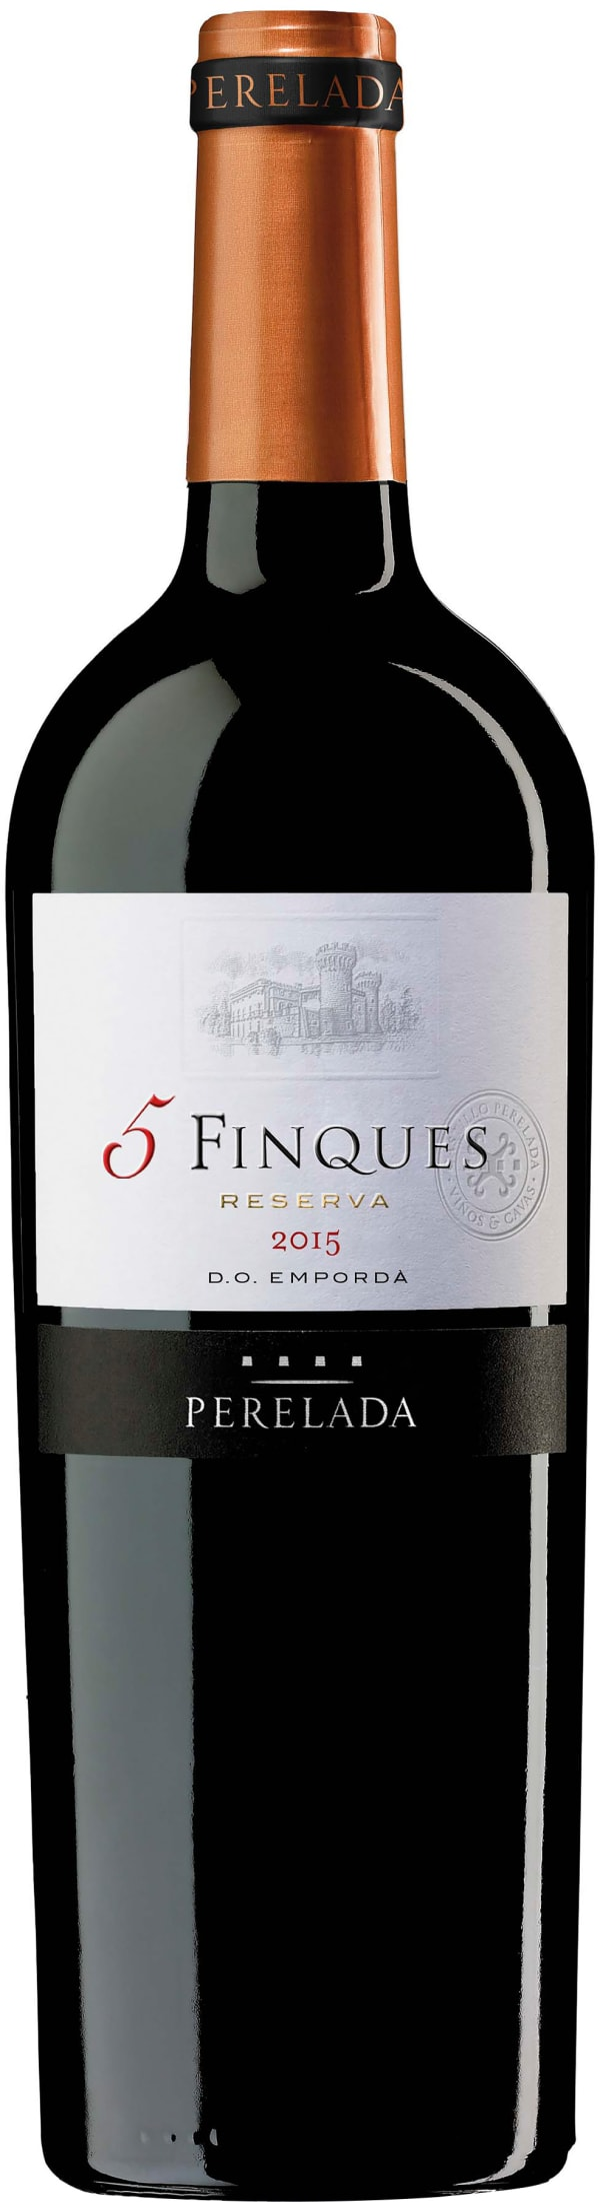 Perelada 5 Finques Reserva 2016